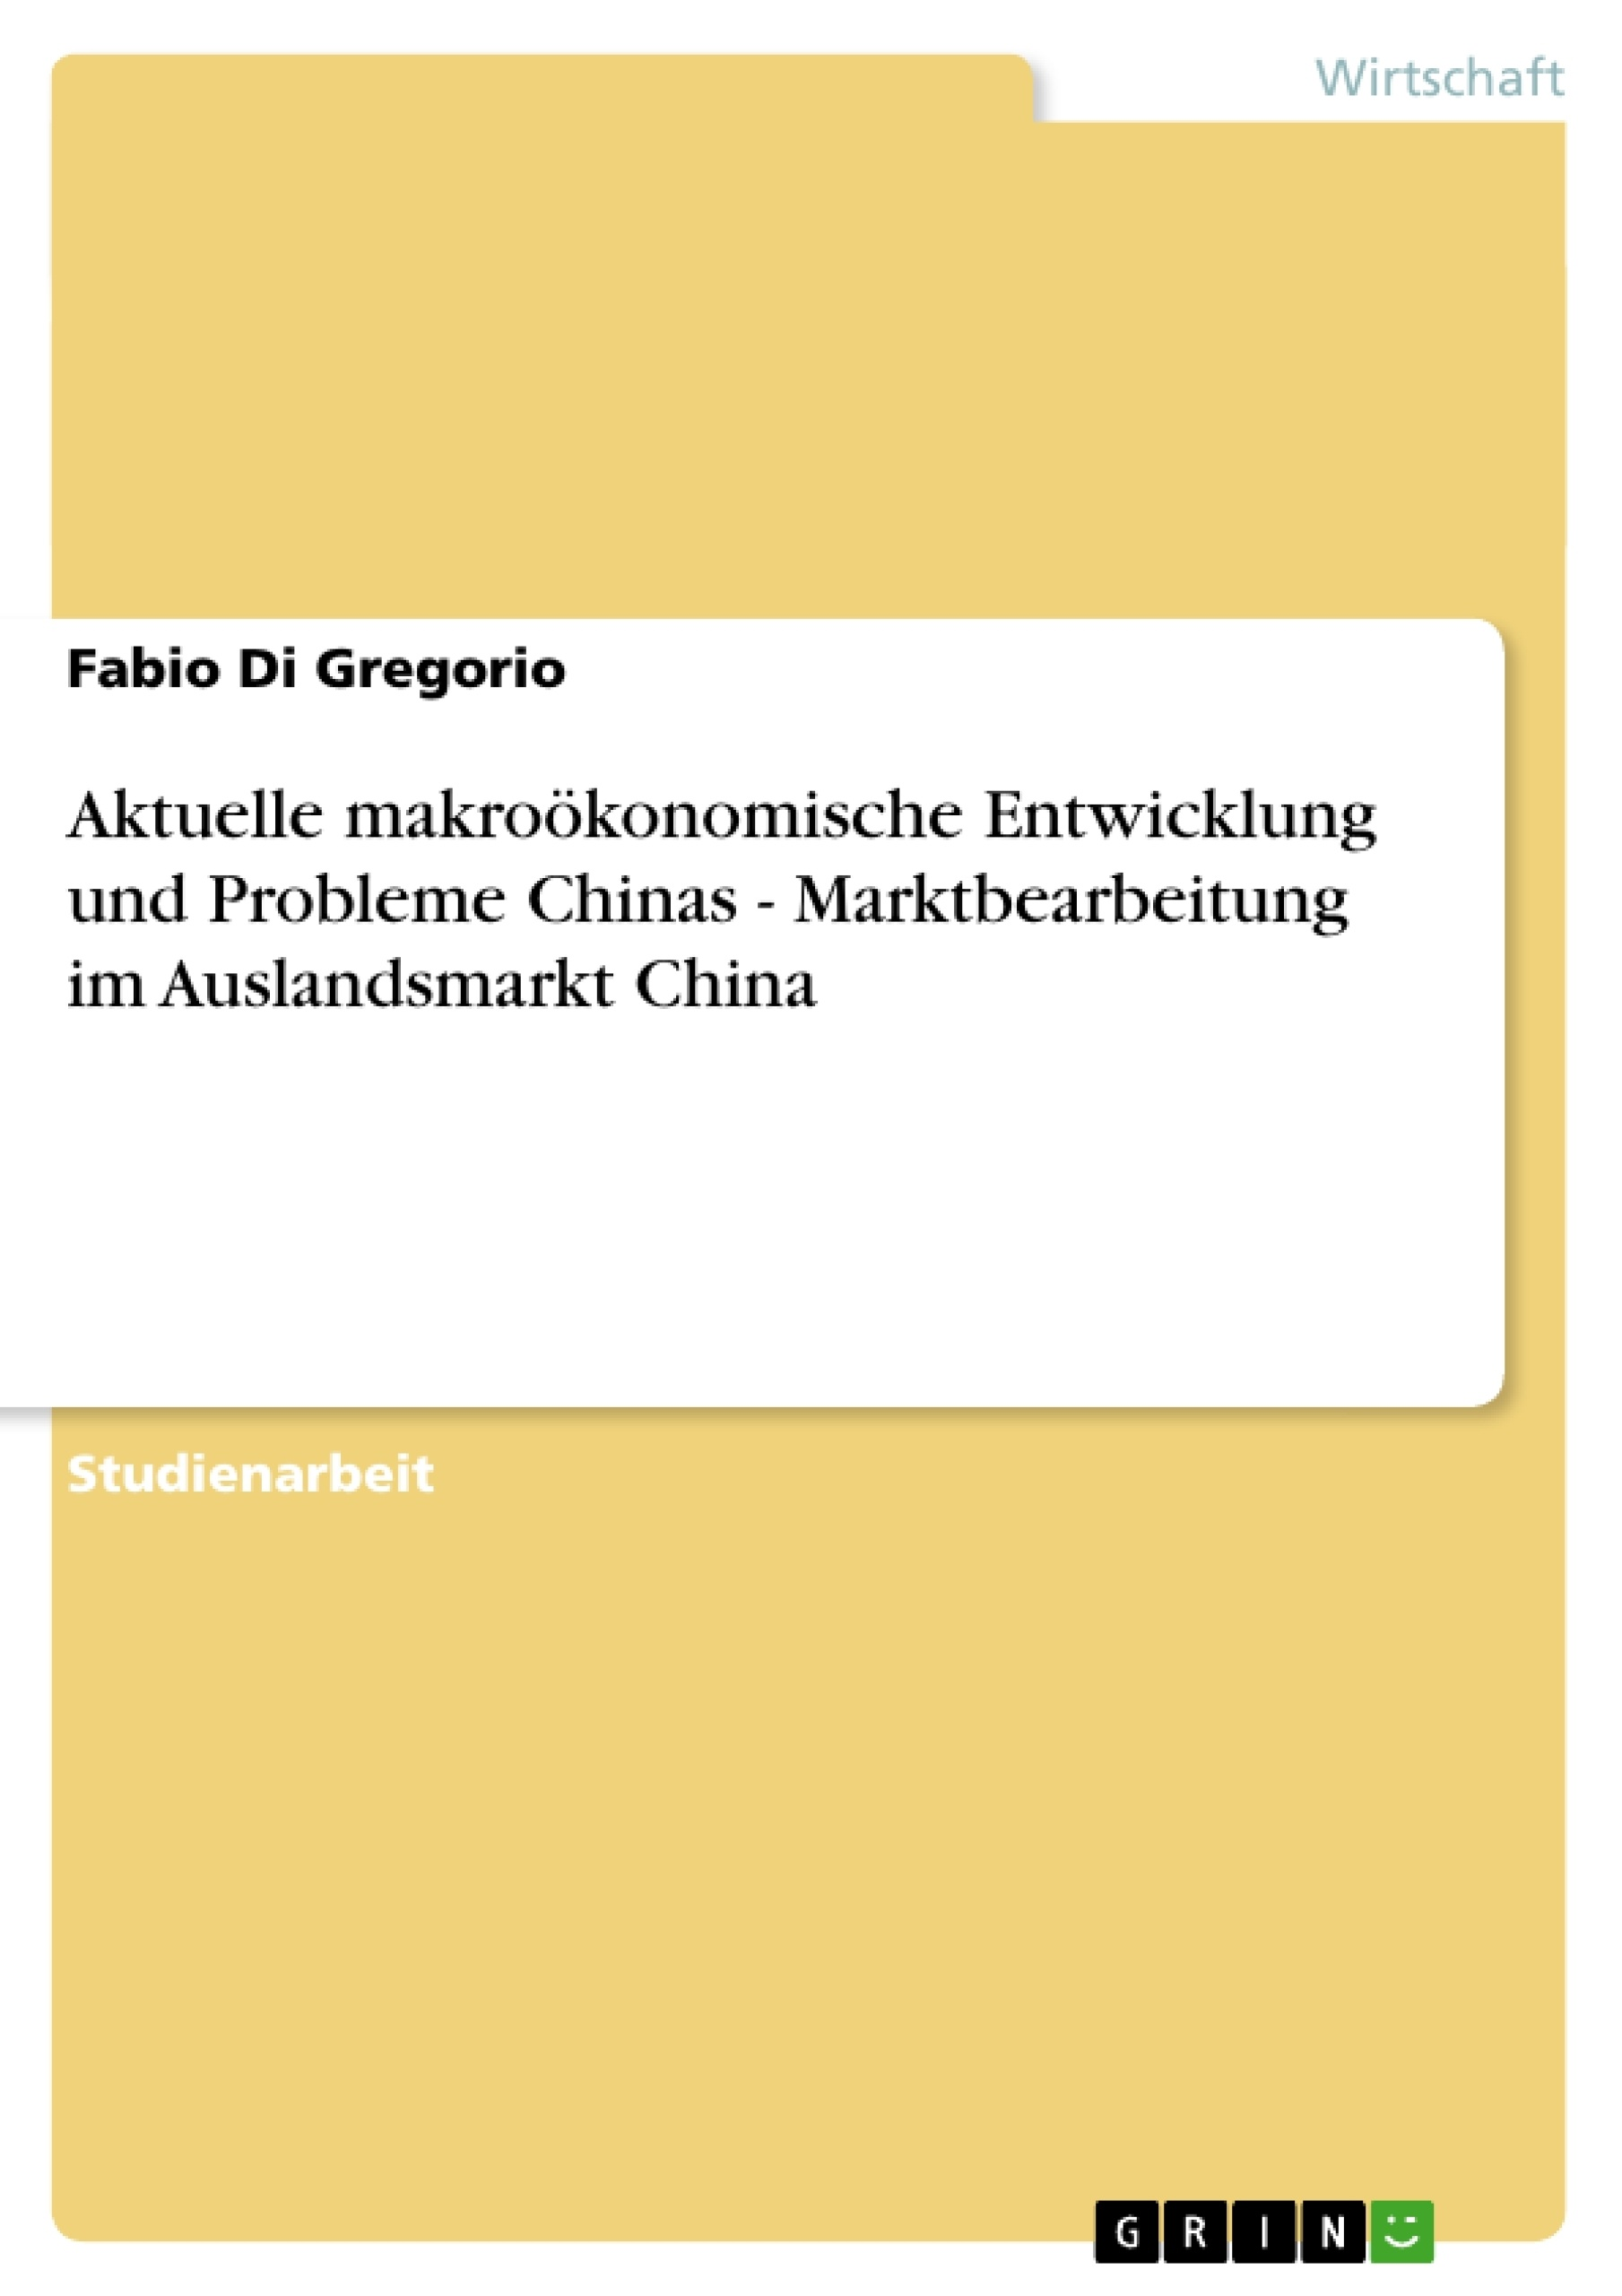 Titel: Aktuelle makroökonomische Entwicklung und Probleme Chinas - Marktbearbeitung im Auslandsmarkt China